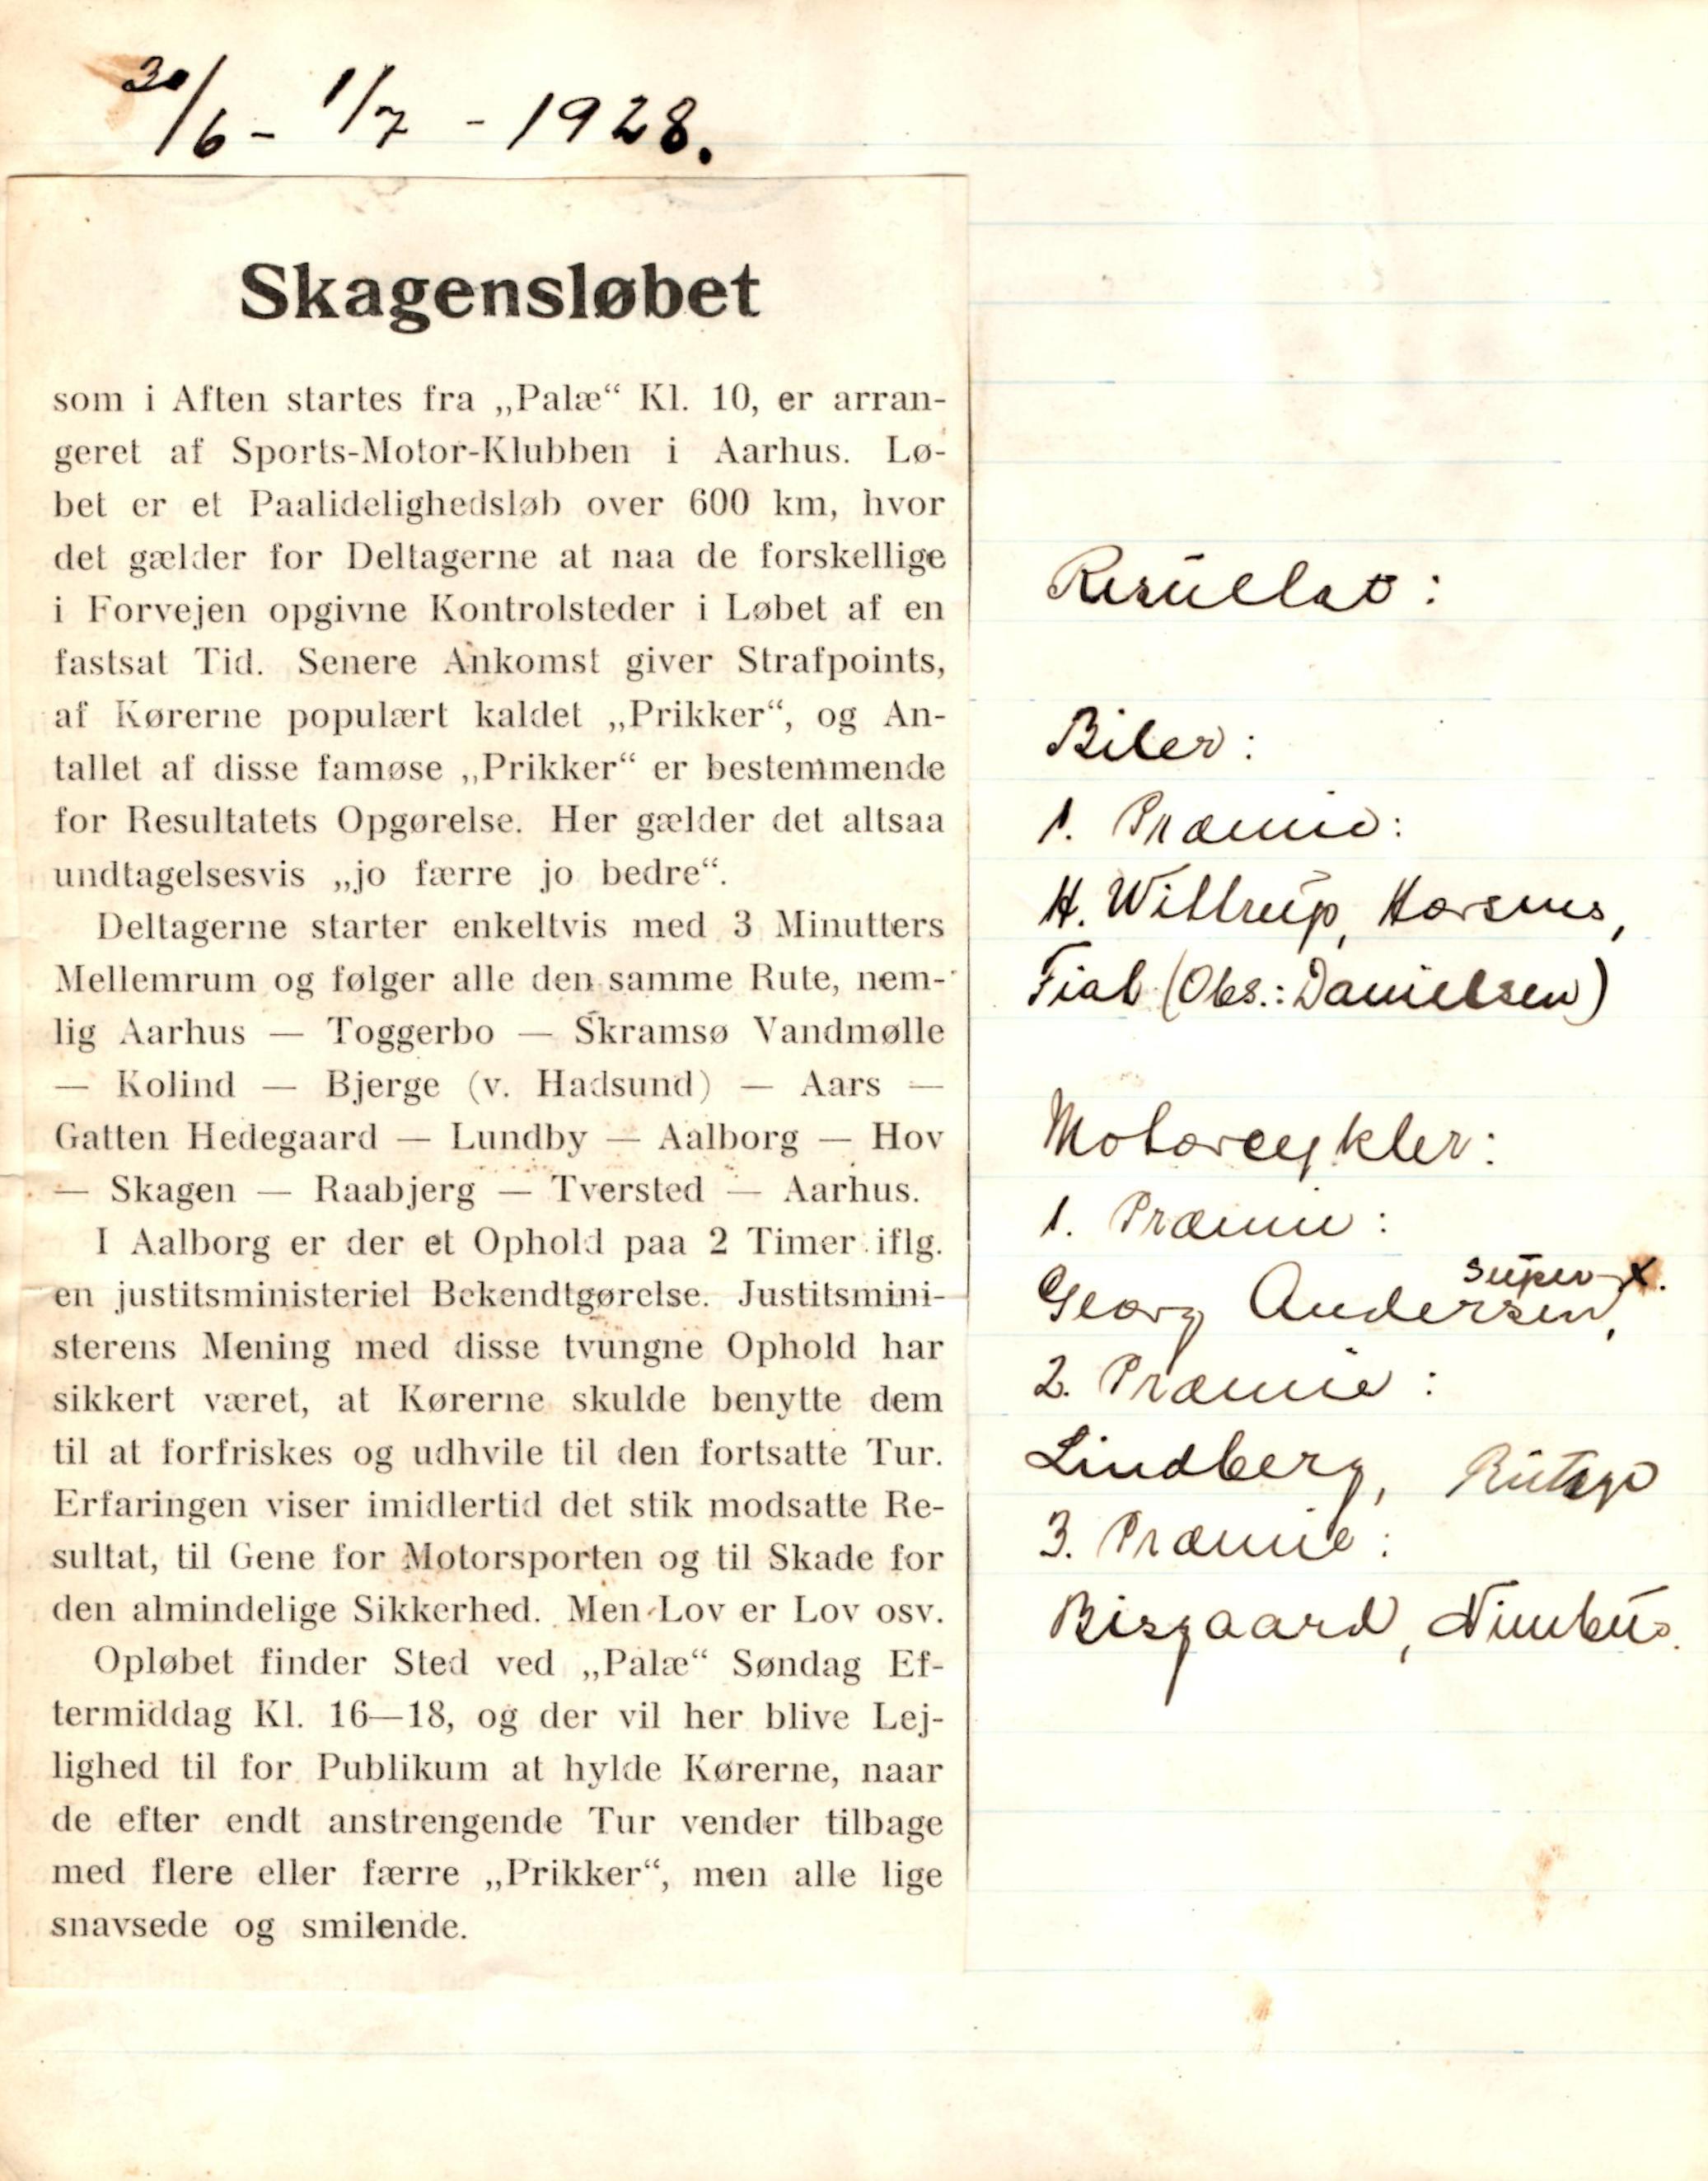 Løbet Aarhus-Skagen 1928